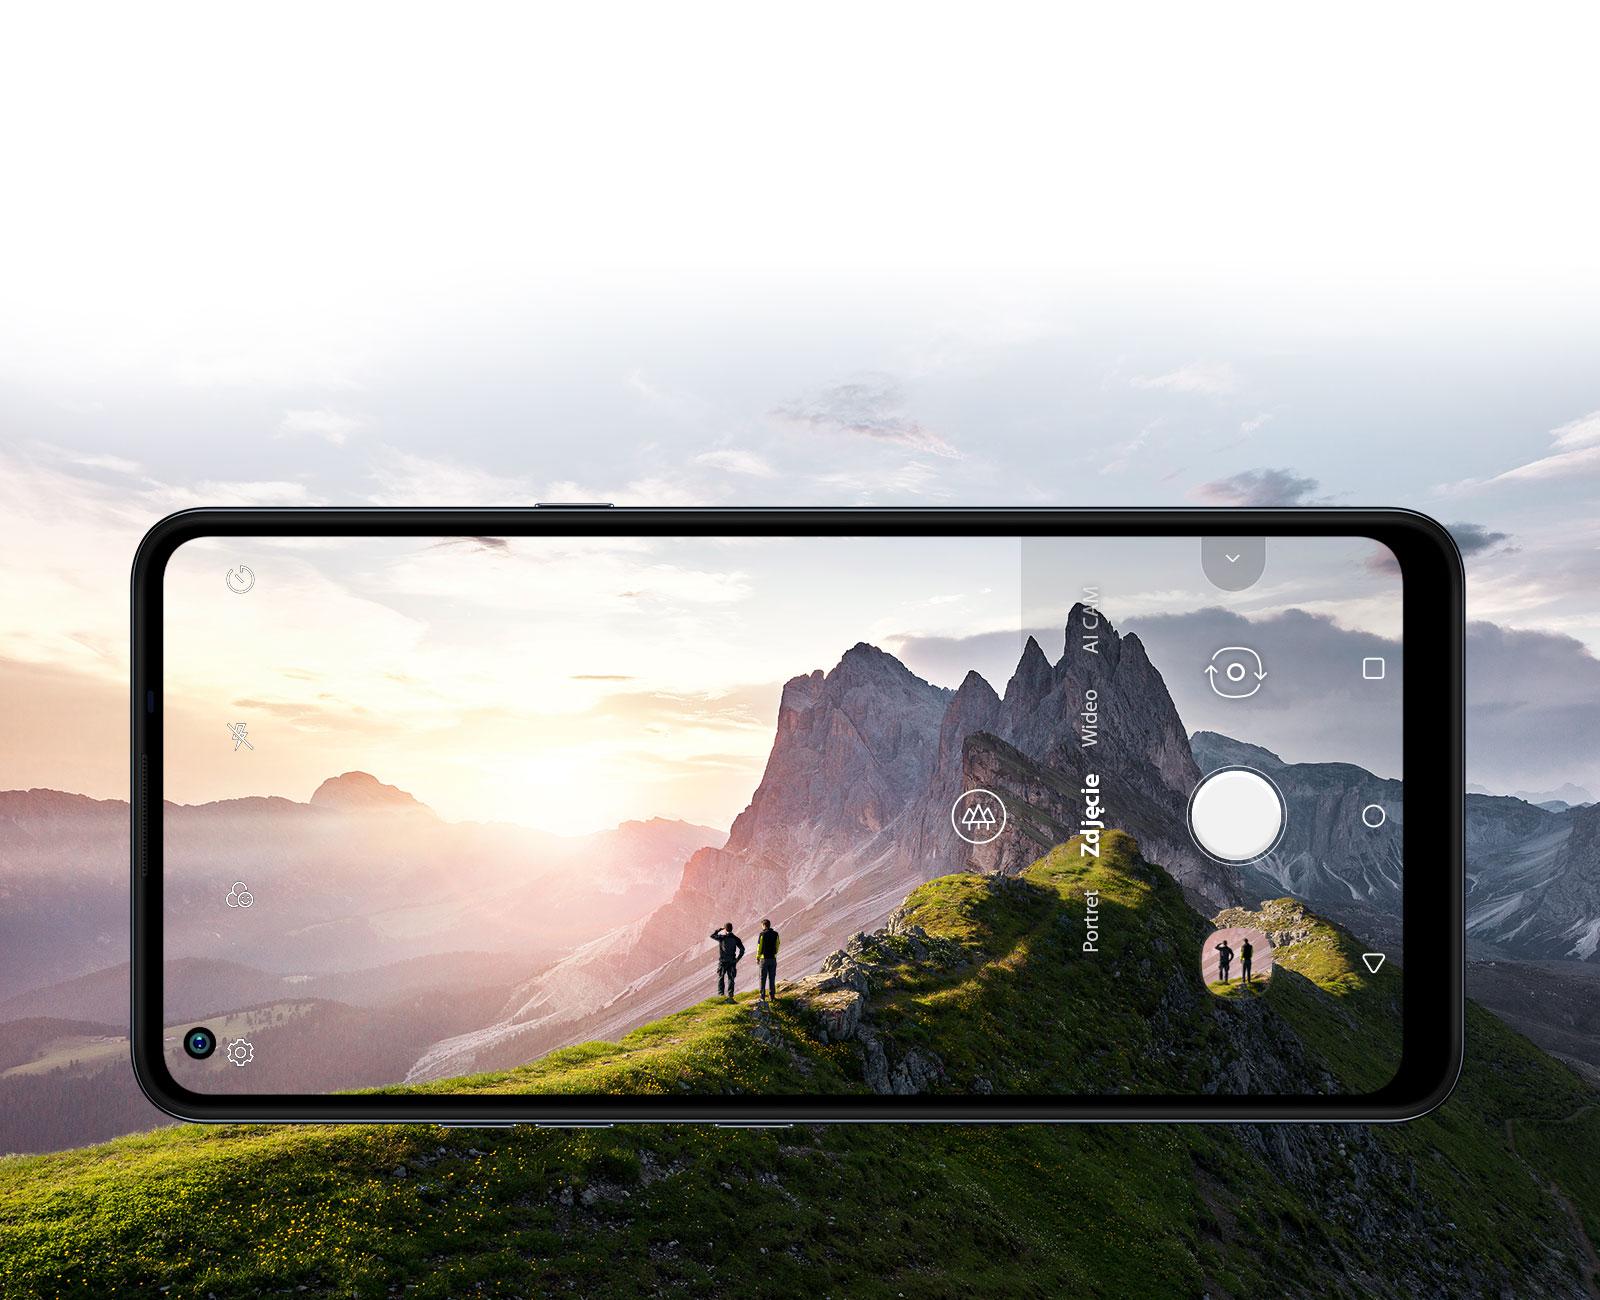 Smartfon fotografujący dwie osoby oglądające wschód słońca